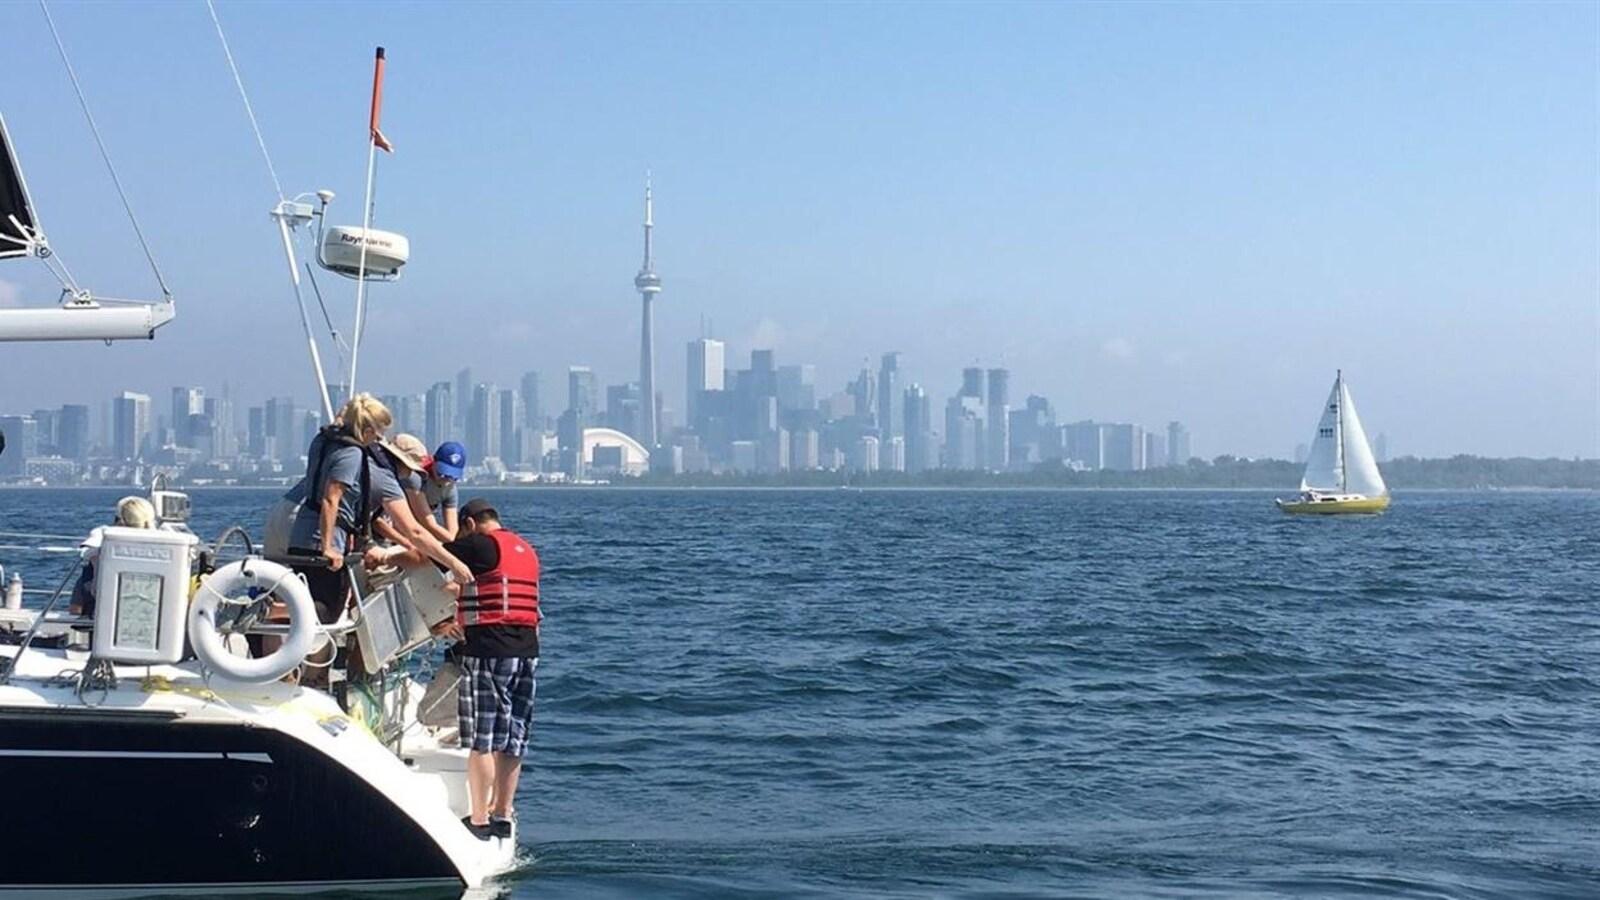 Des chercheurs sur un bateau.